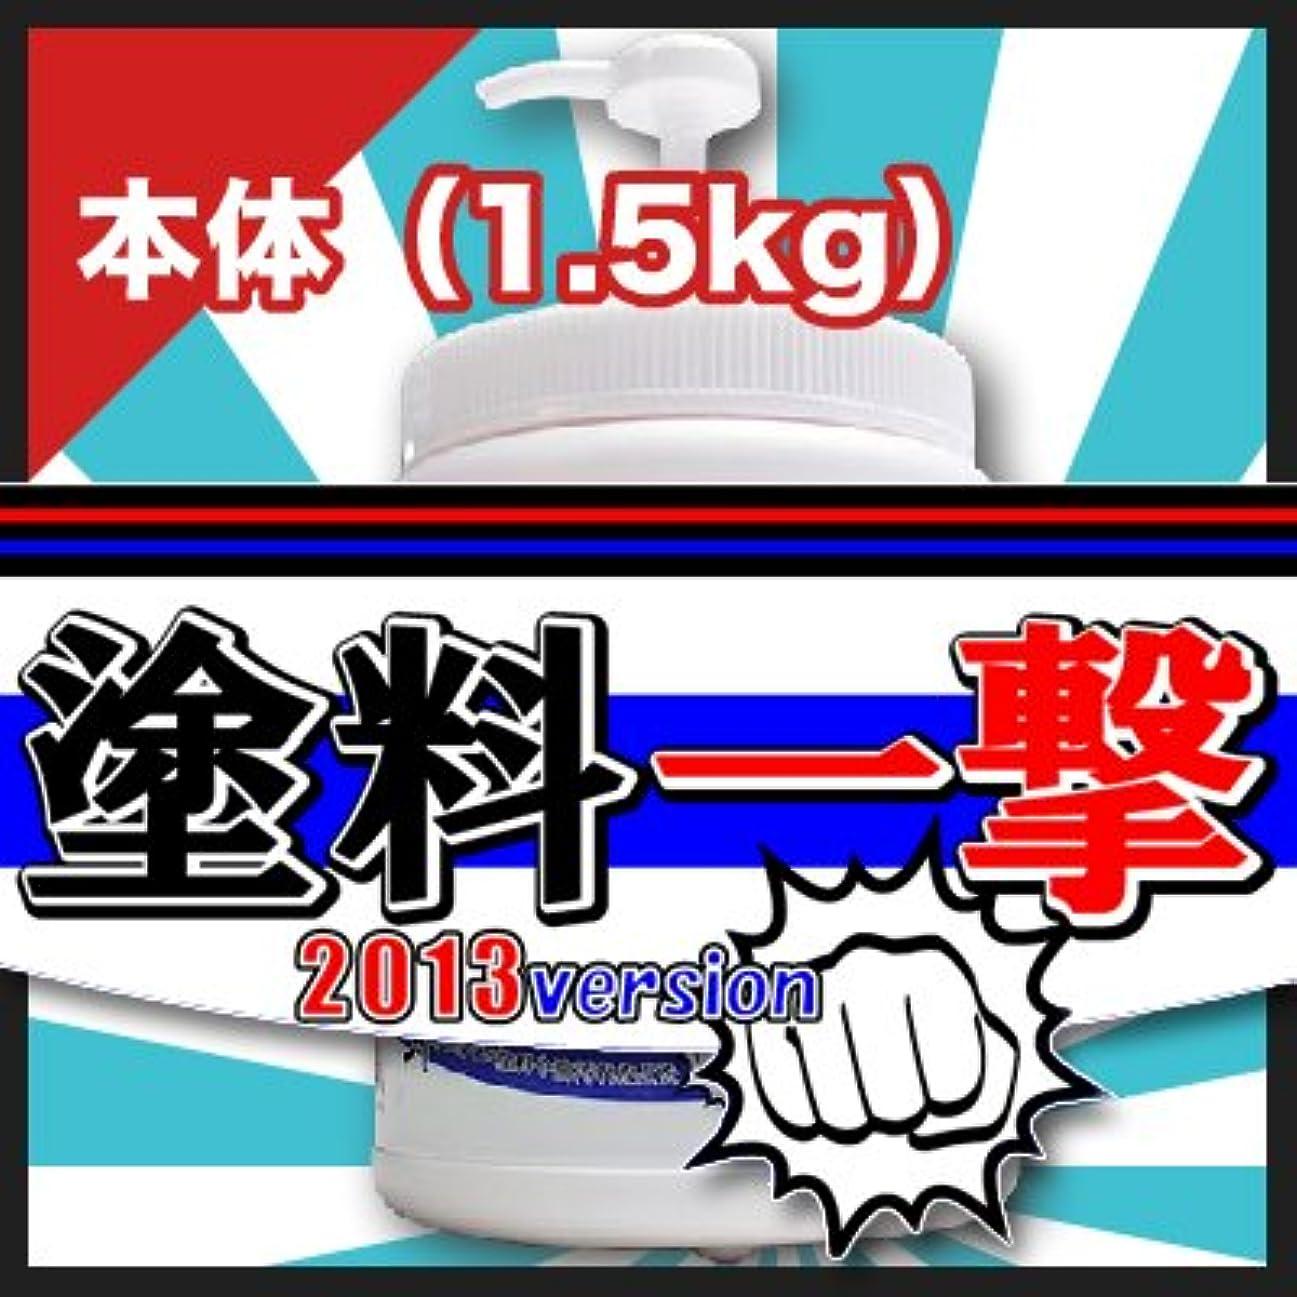 胃騒数D.Iプランニング 塗料一撃 2013 Version 本体 (1.5kg)